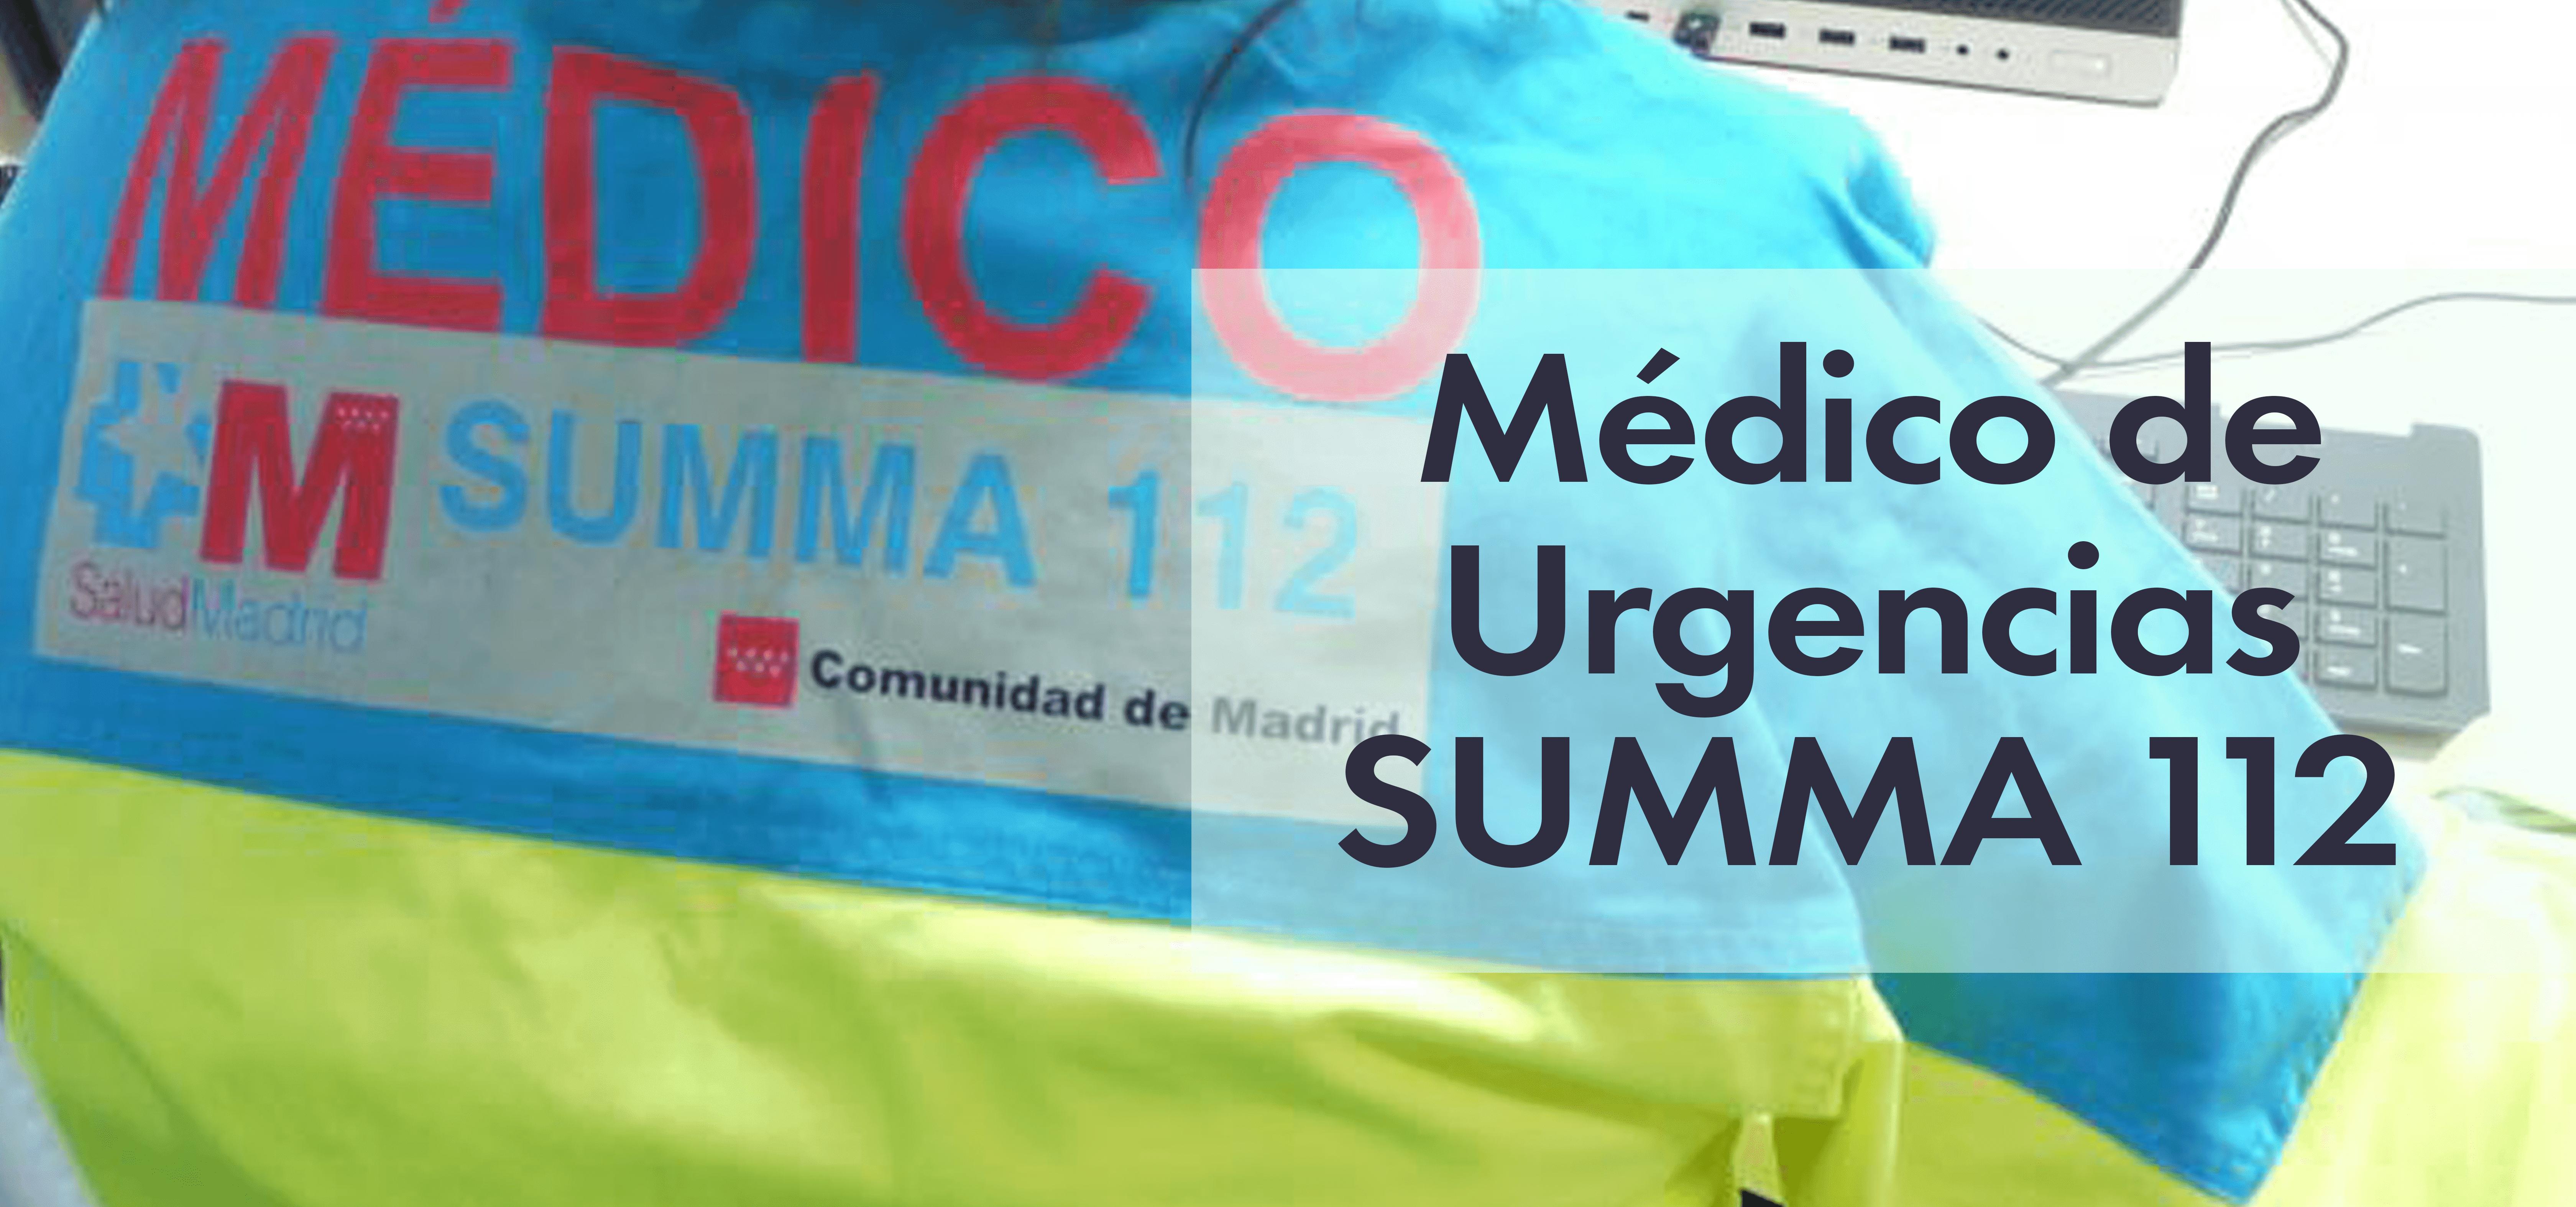 Médico de Urgencias SUMMA 112